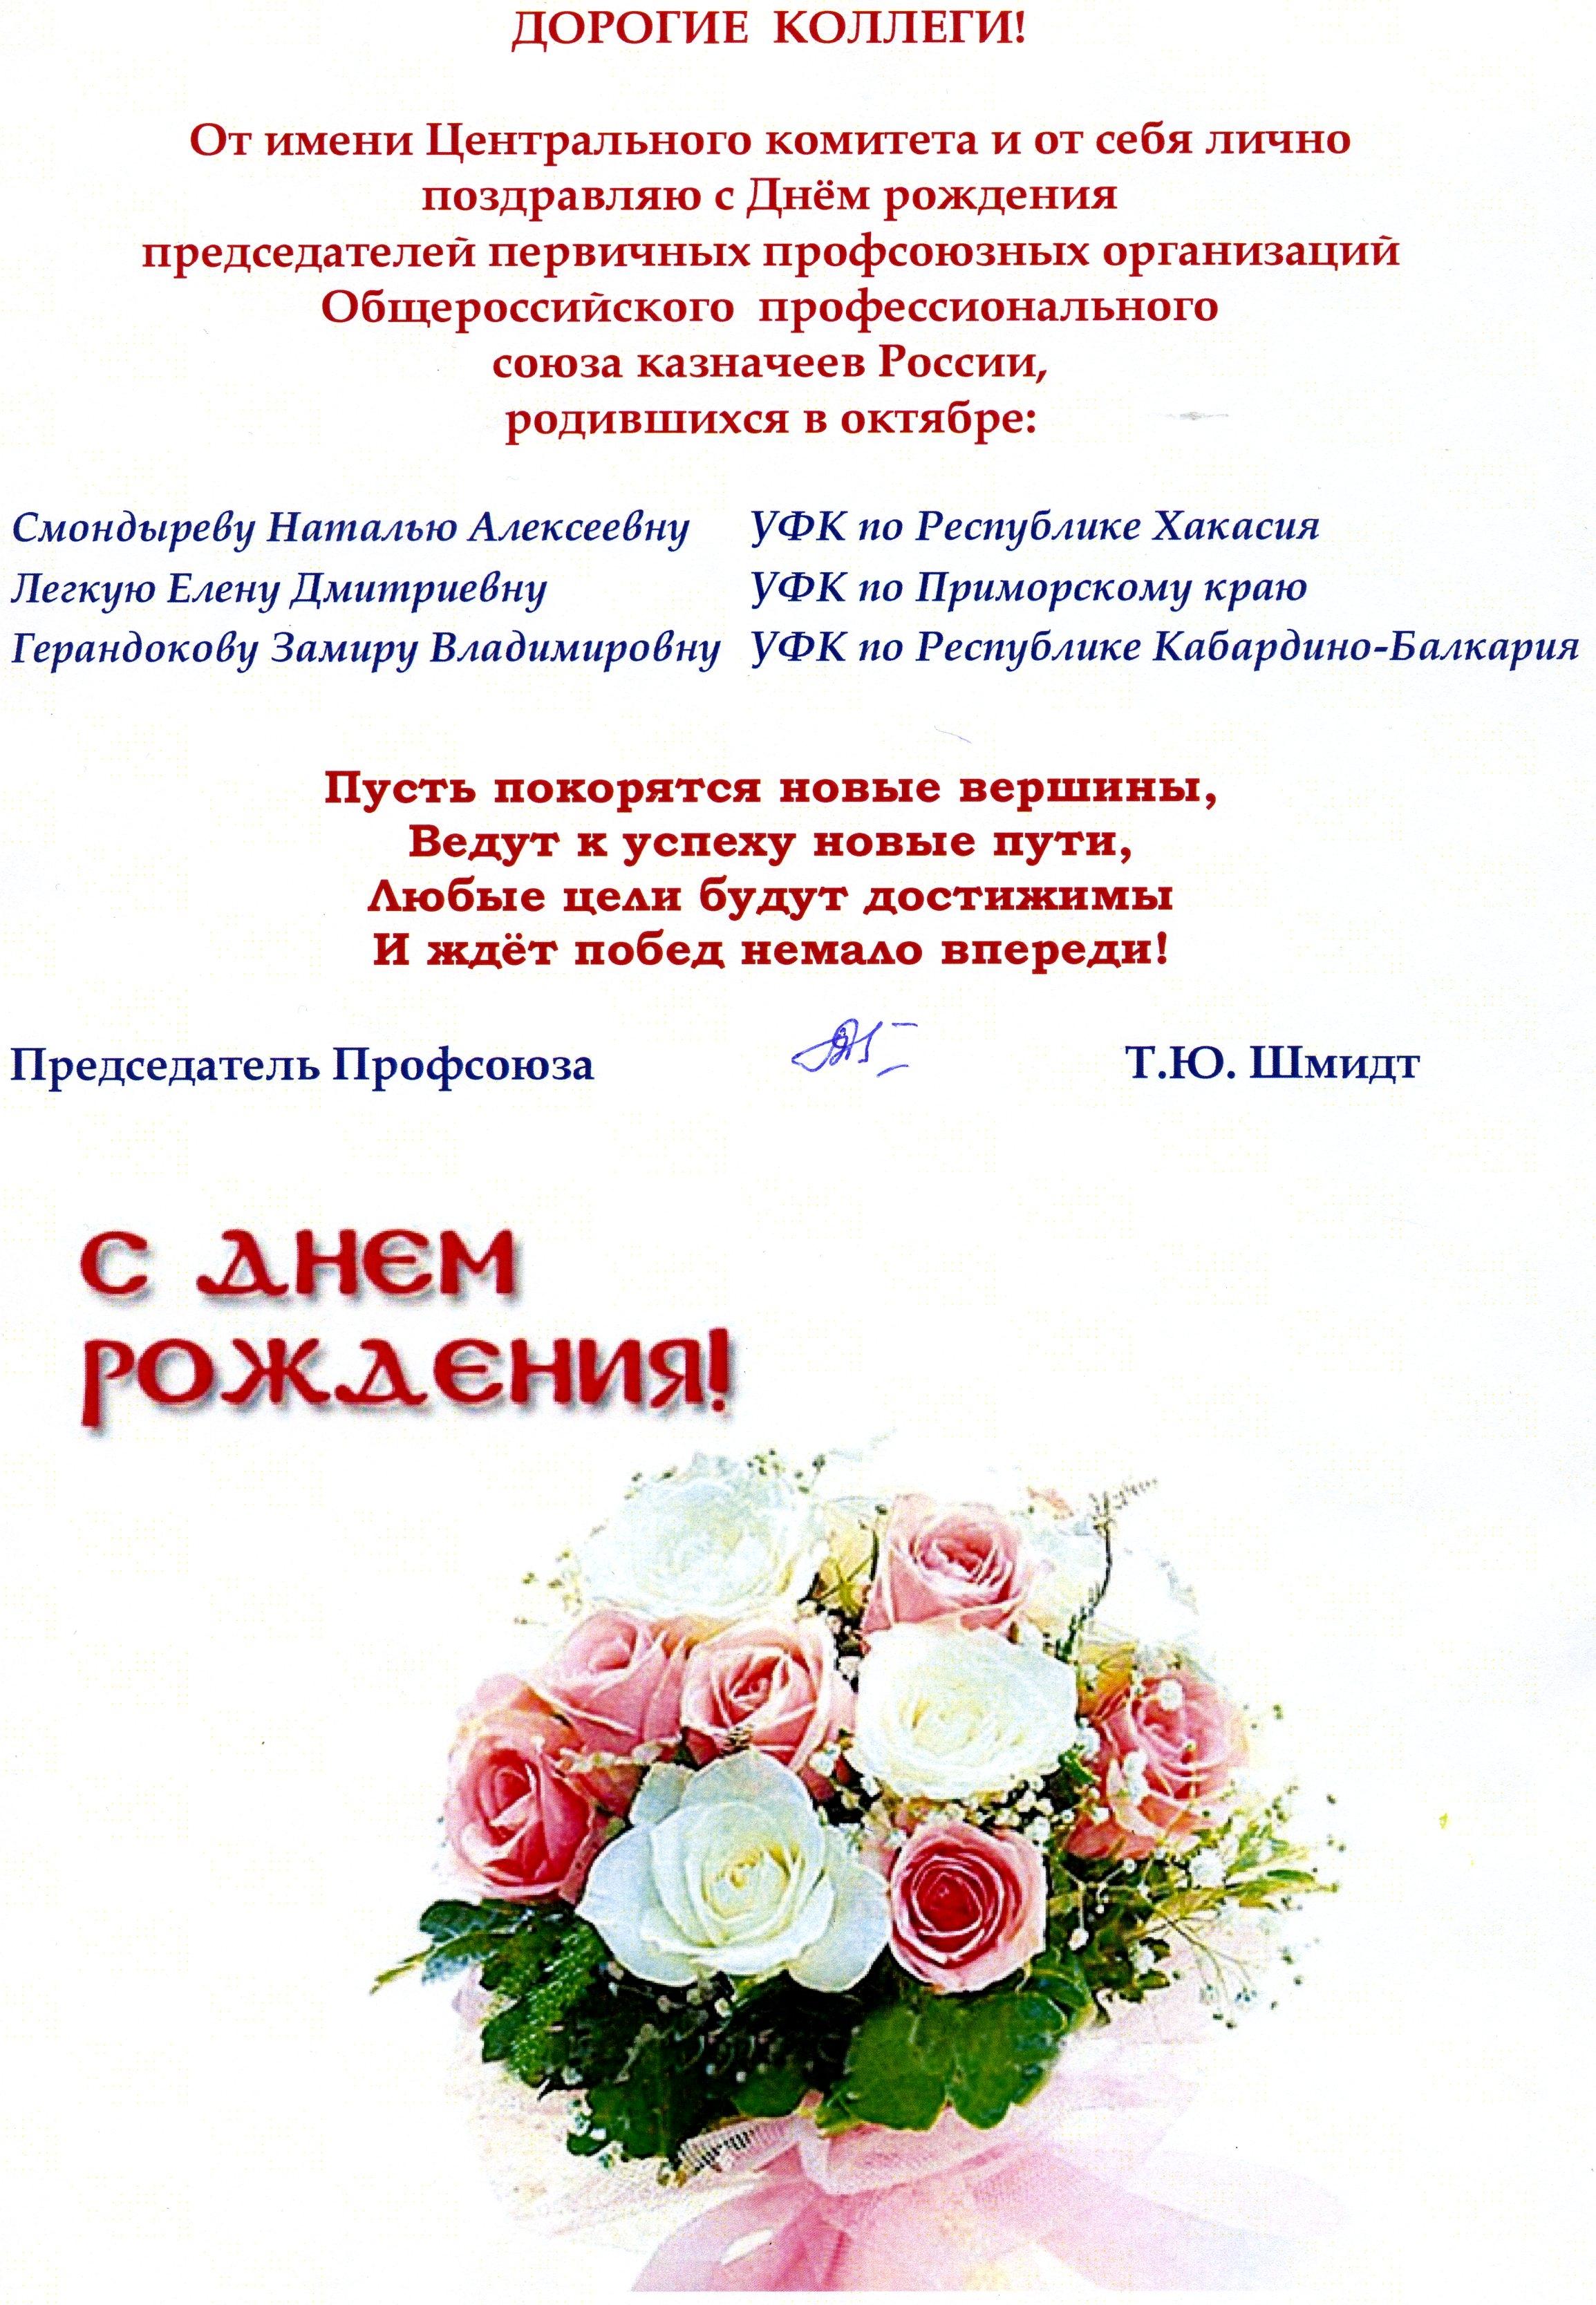 Поздравления лидеров профсоюза